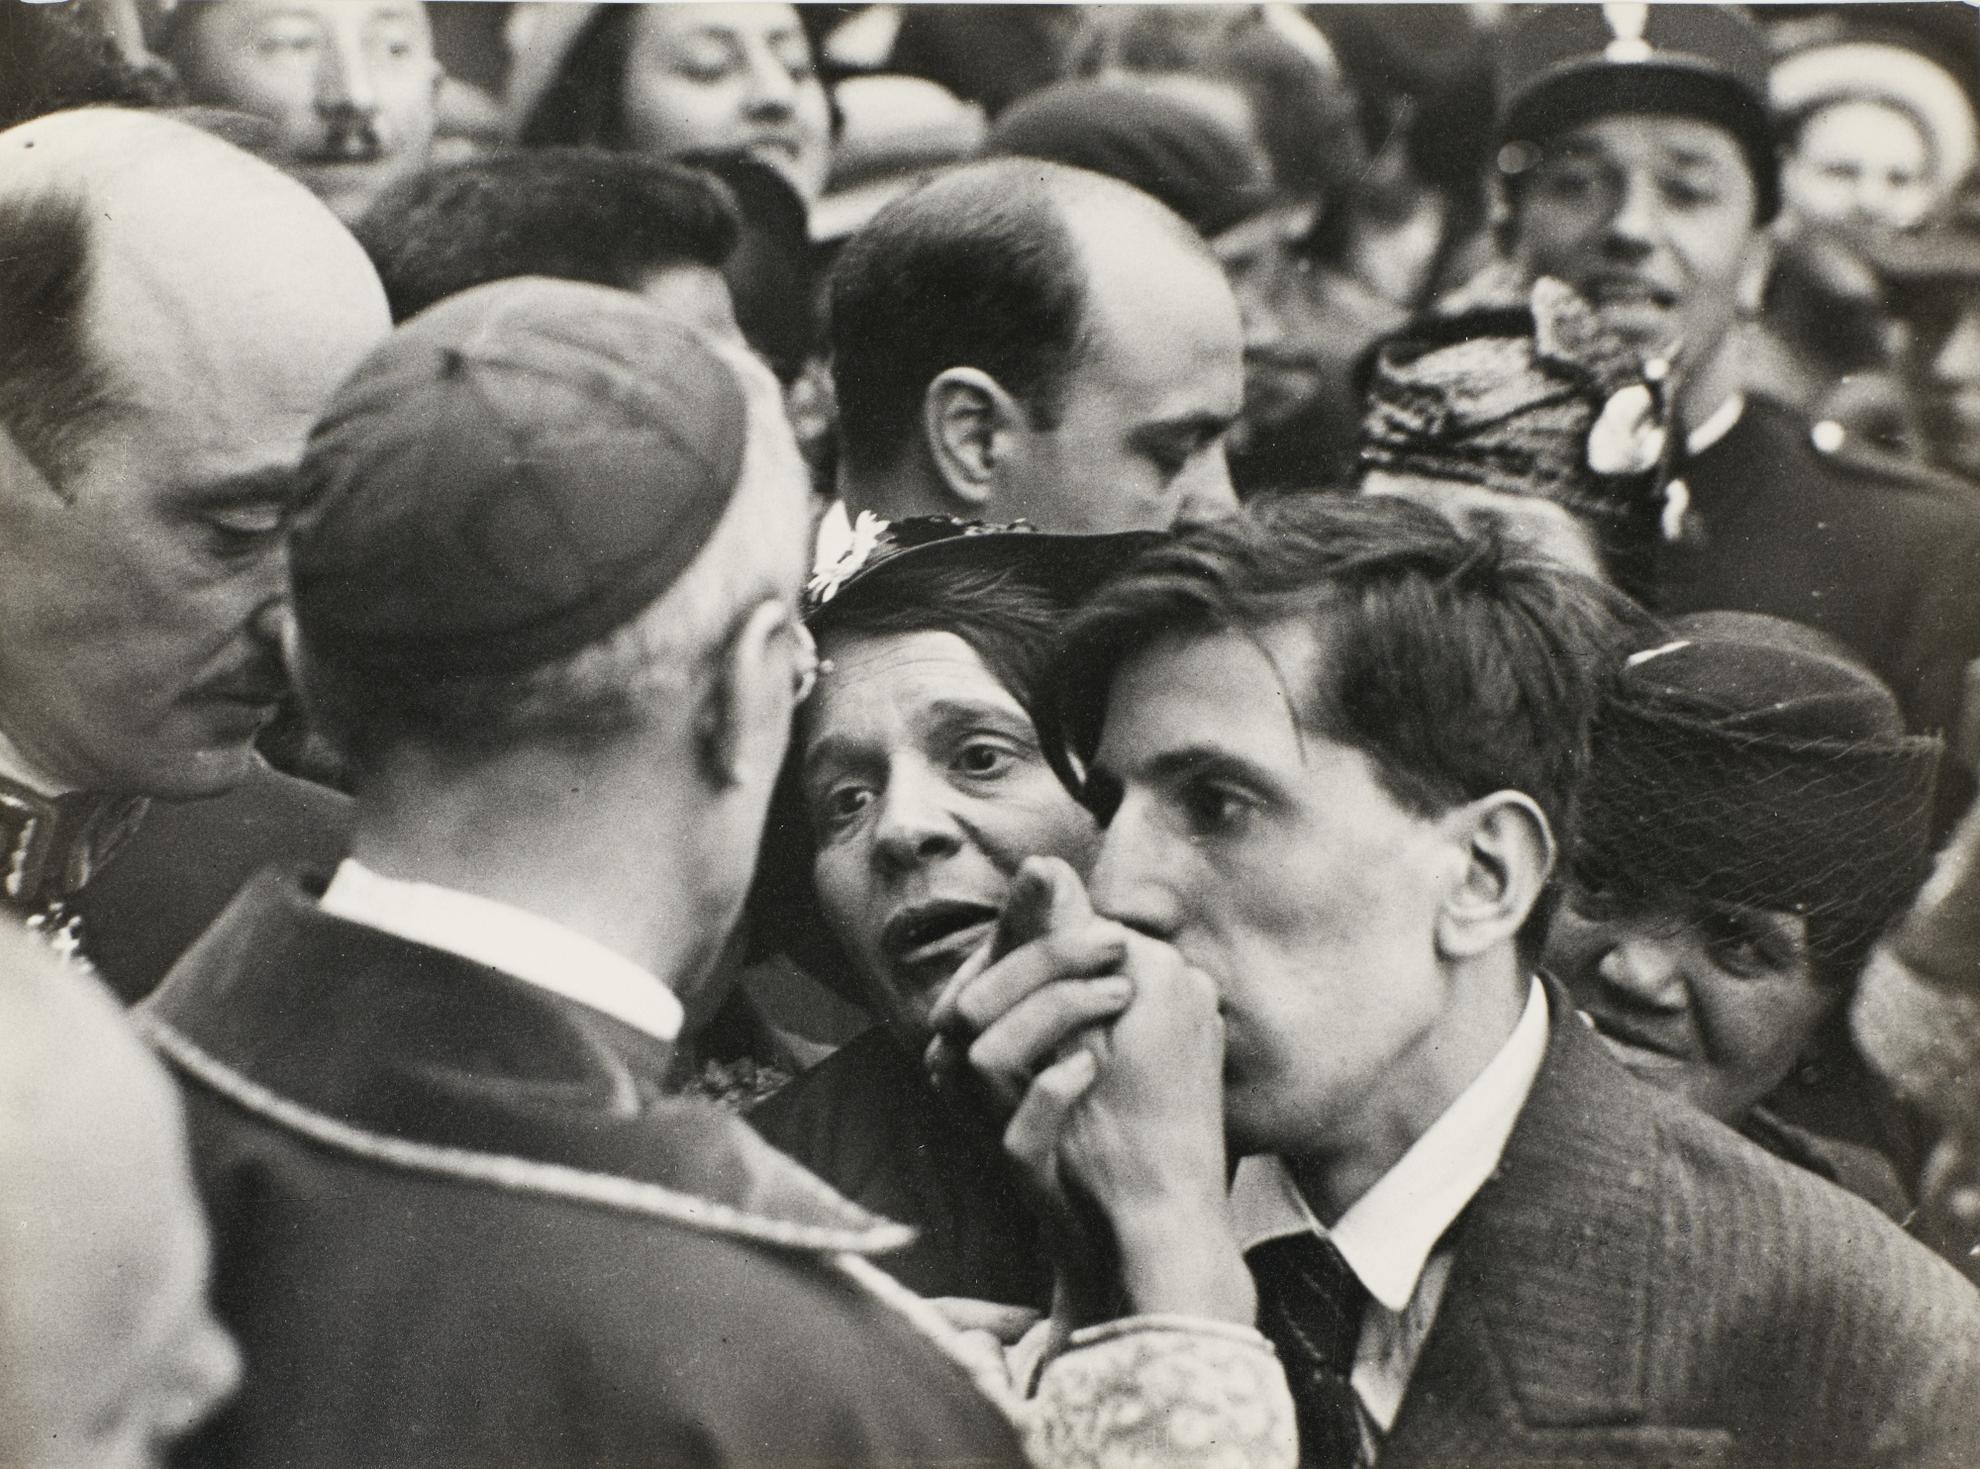 Henri Cartier-Bresson-The Visit Of Cardinal Pacelli, Montmartre, Paris-1938